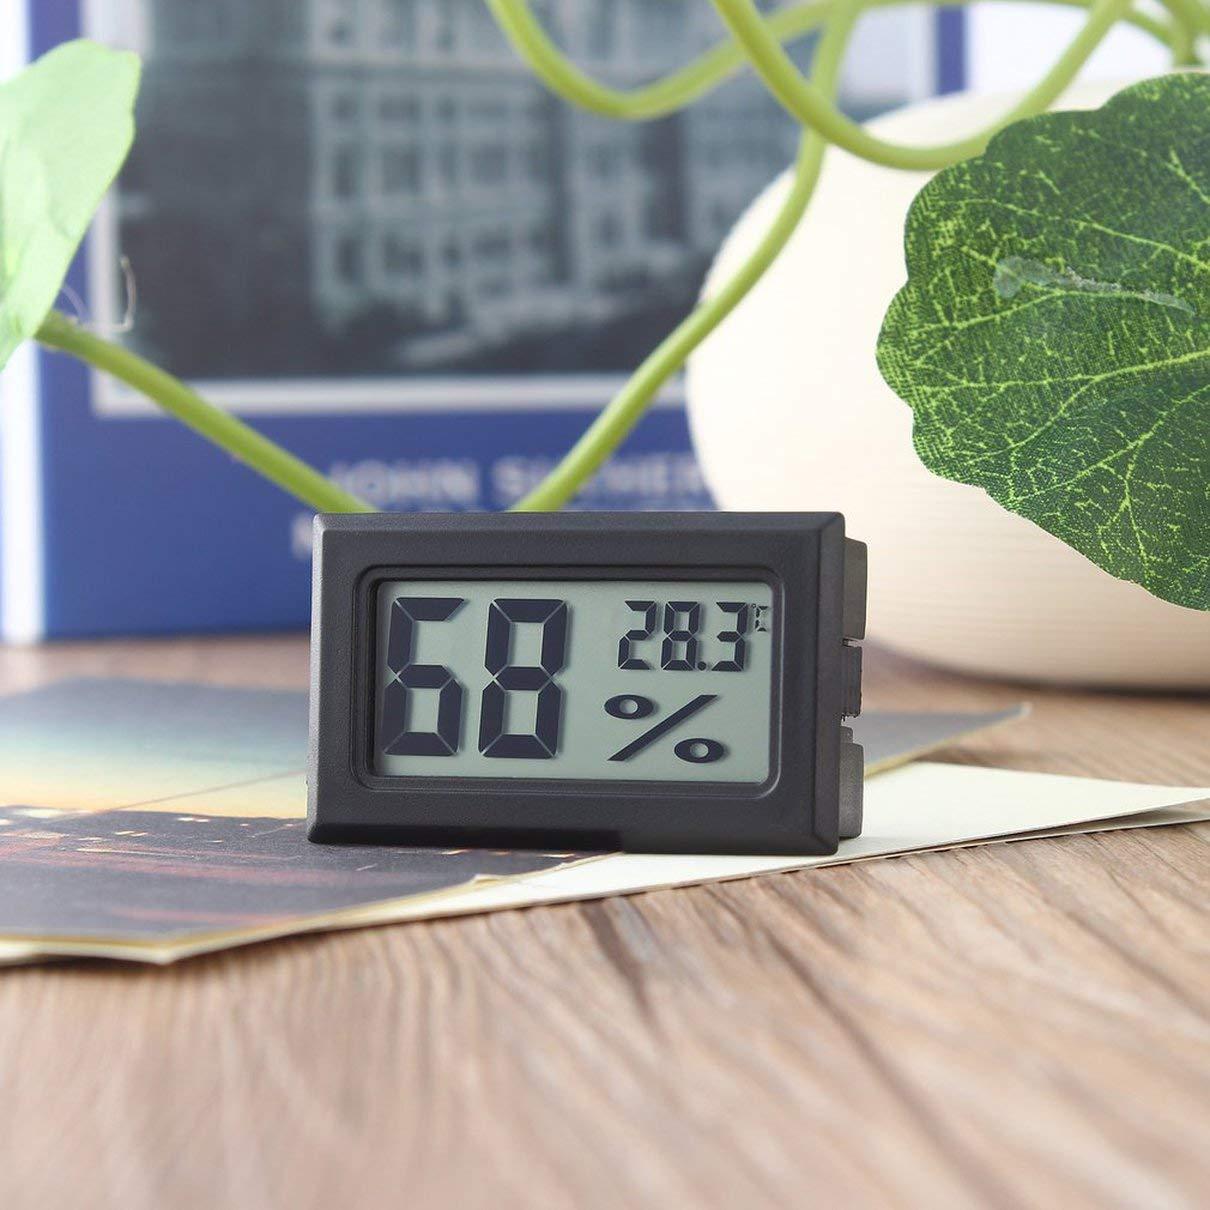 higrometro termometro barato chollo